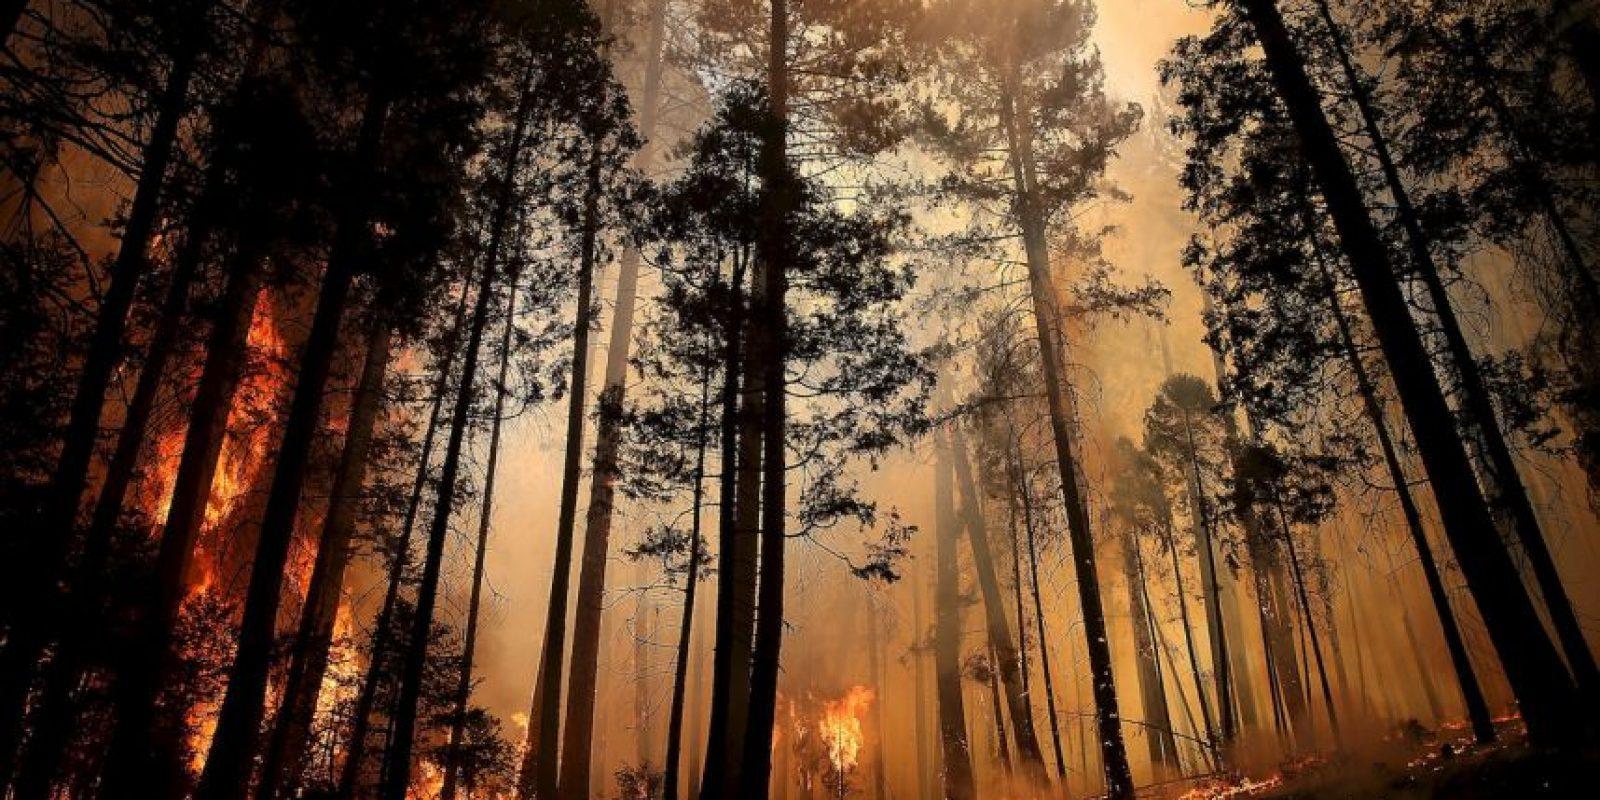 Un incendio forestal es el fuego que se extiende sin control en terreno forestal afectando a combustibles vegetales Foto:Getty Images